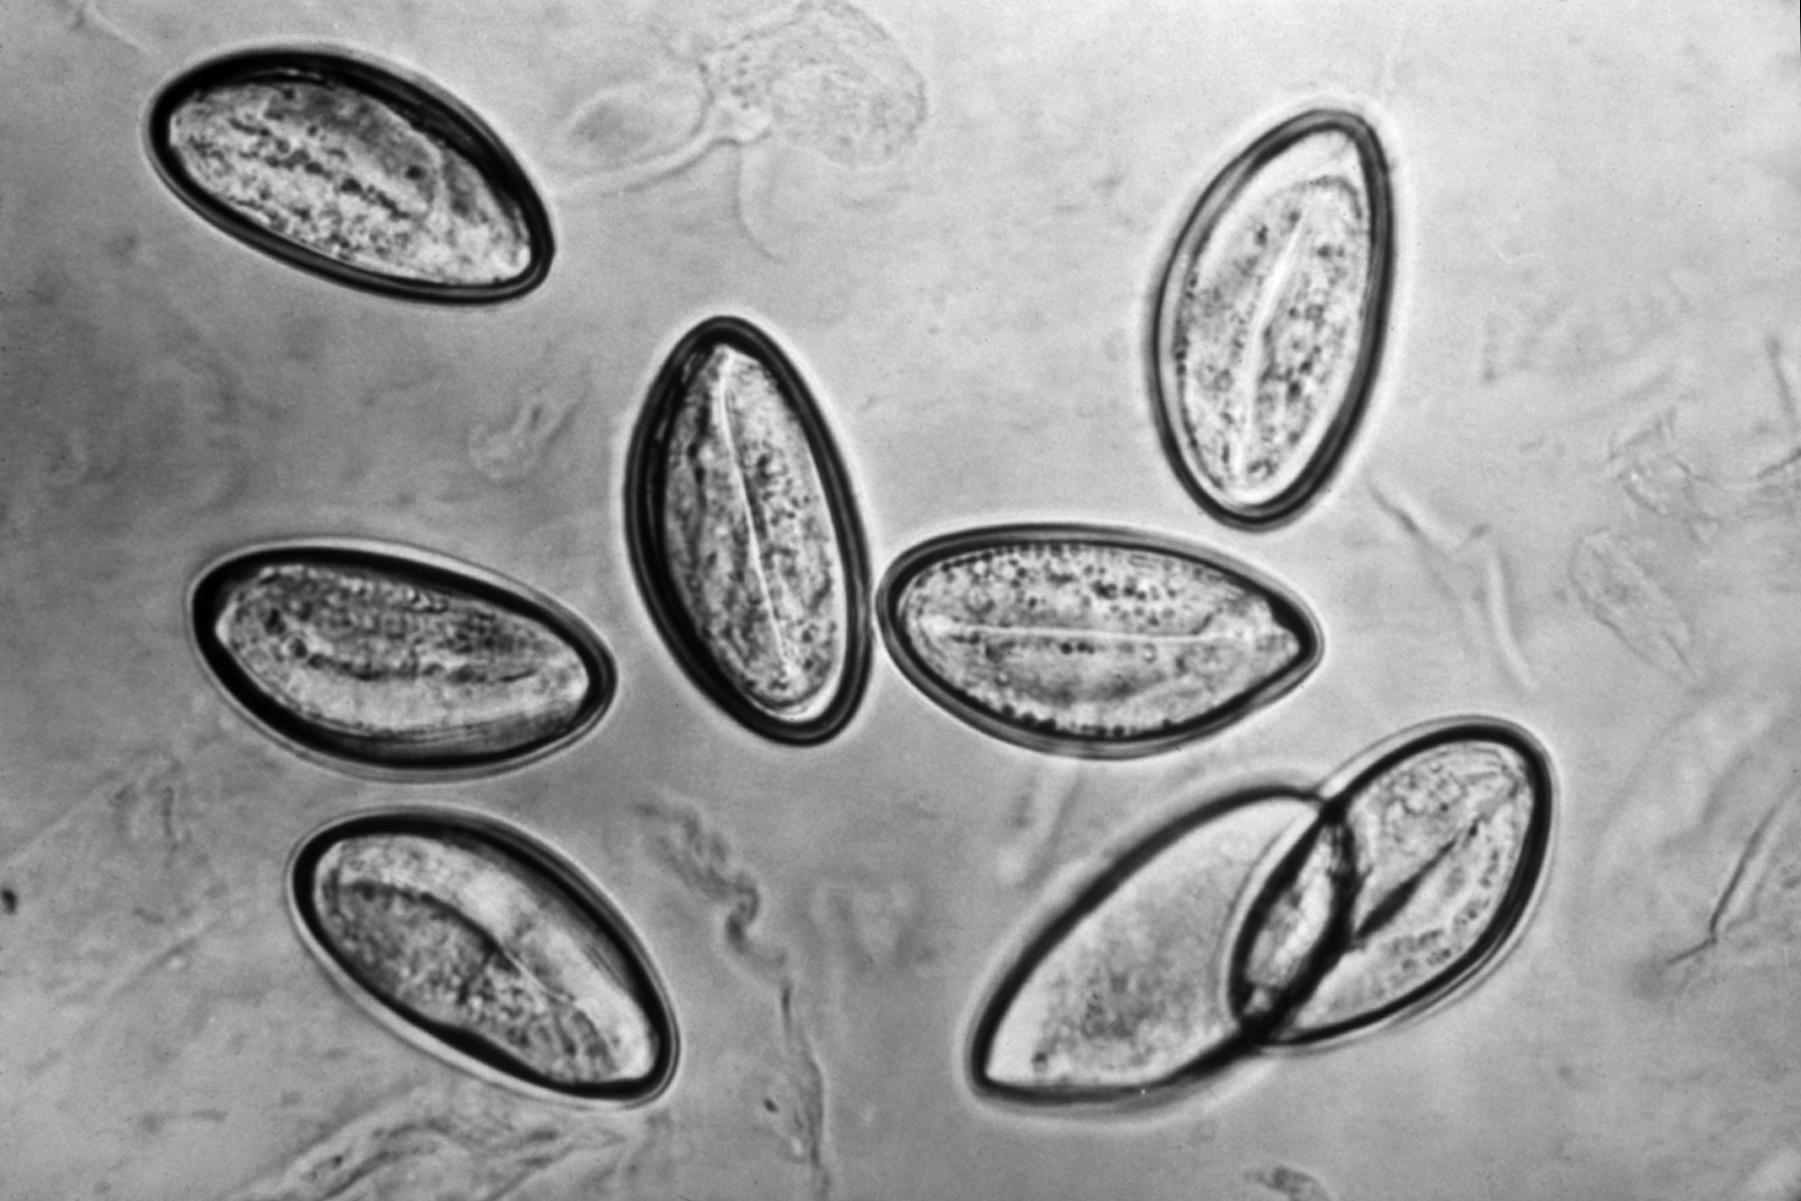 paraziti a jejich biologie numit stadiul matur sexual al helminților